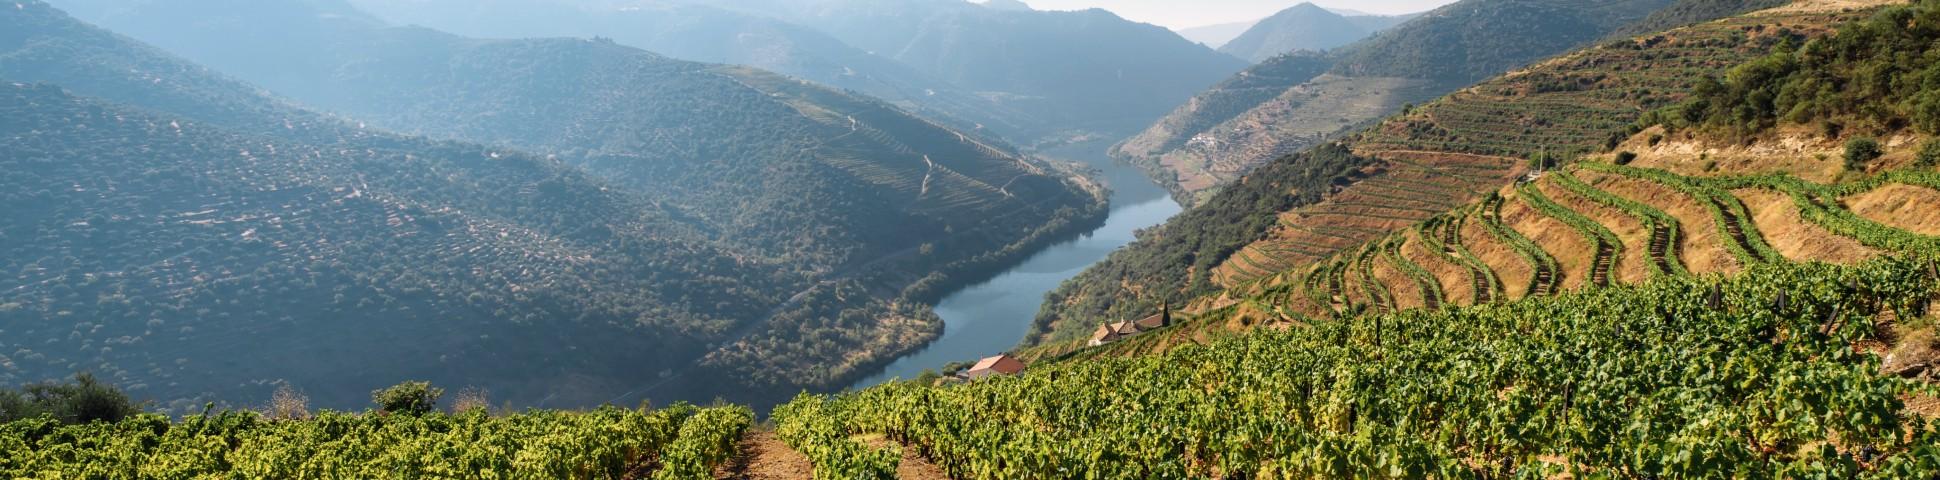 Douro river in Portugal